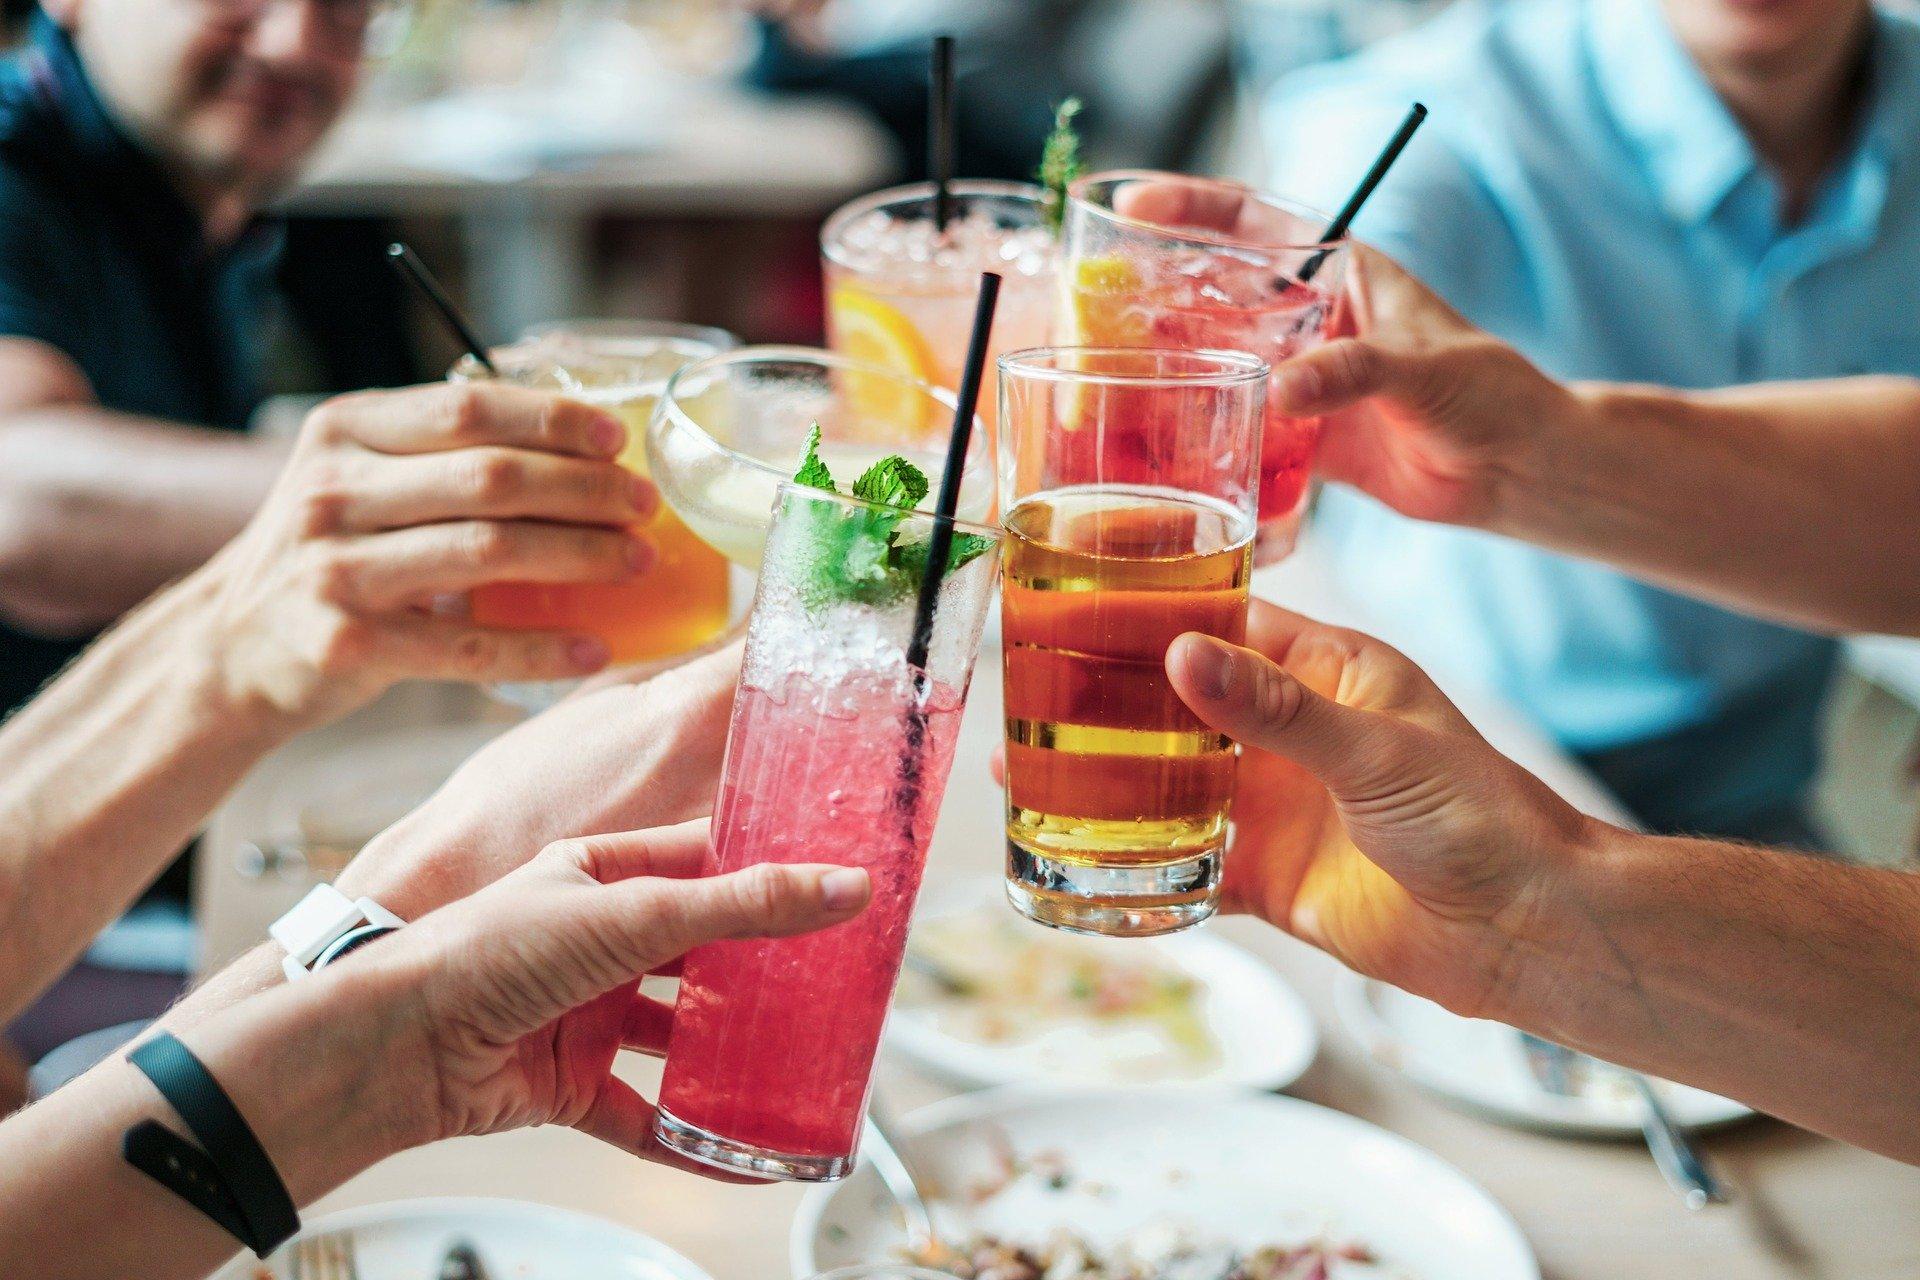 Как не отравиться алкоголем на праздниках: нарколог дал несколько советов